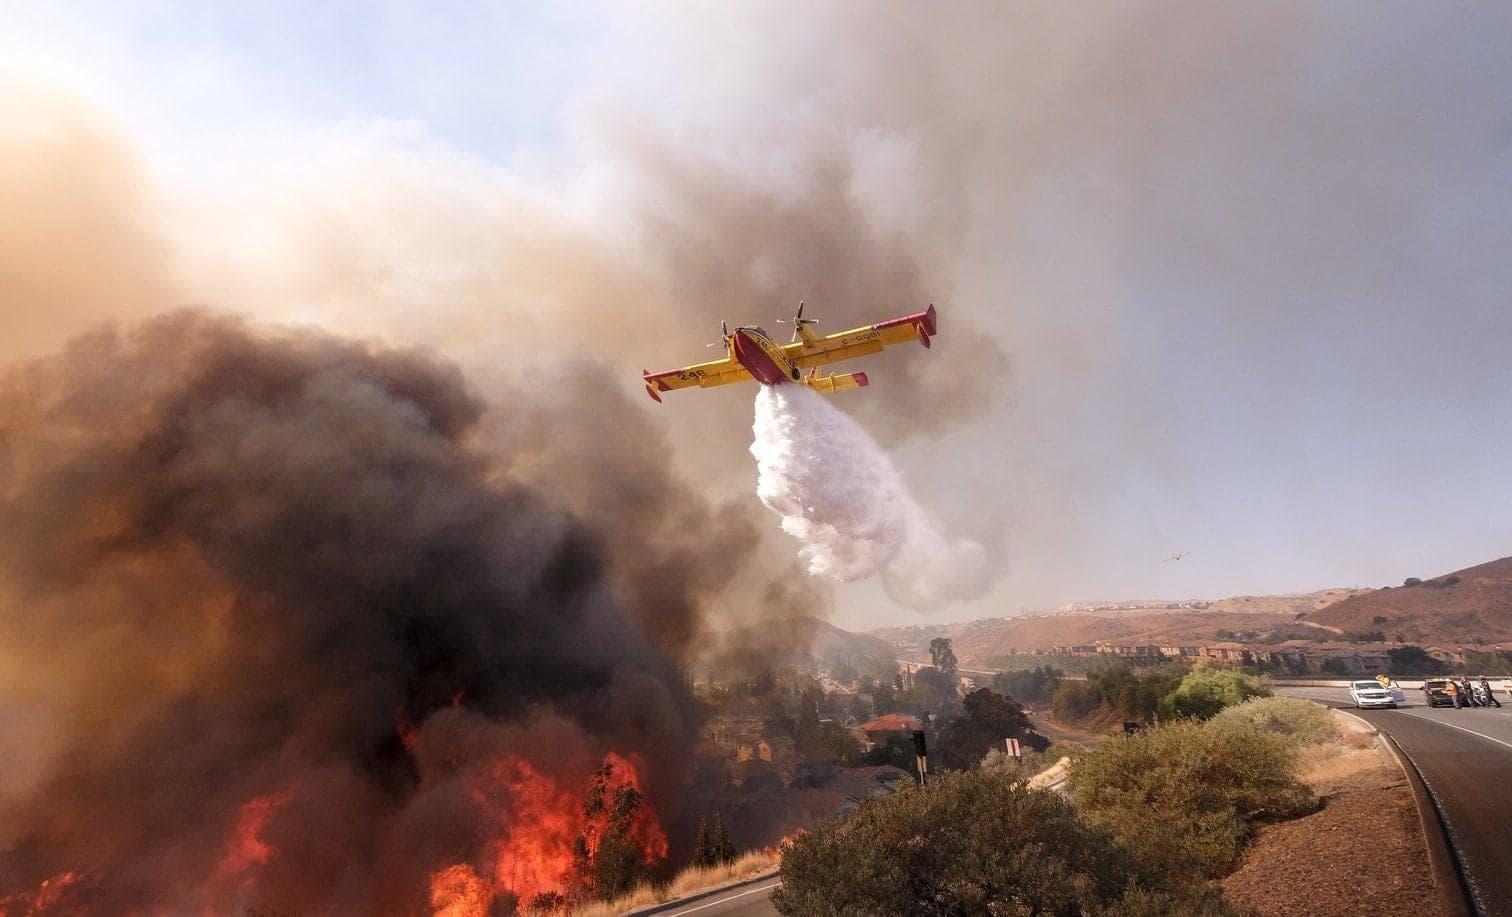 sagte Sheriff Honea. Beim bislang tödlichsten Waldbrand in dem US-Bundesstaat